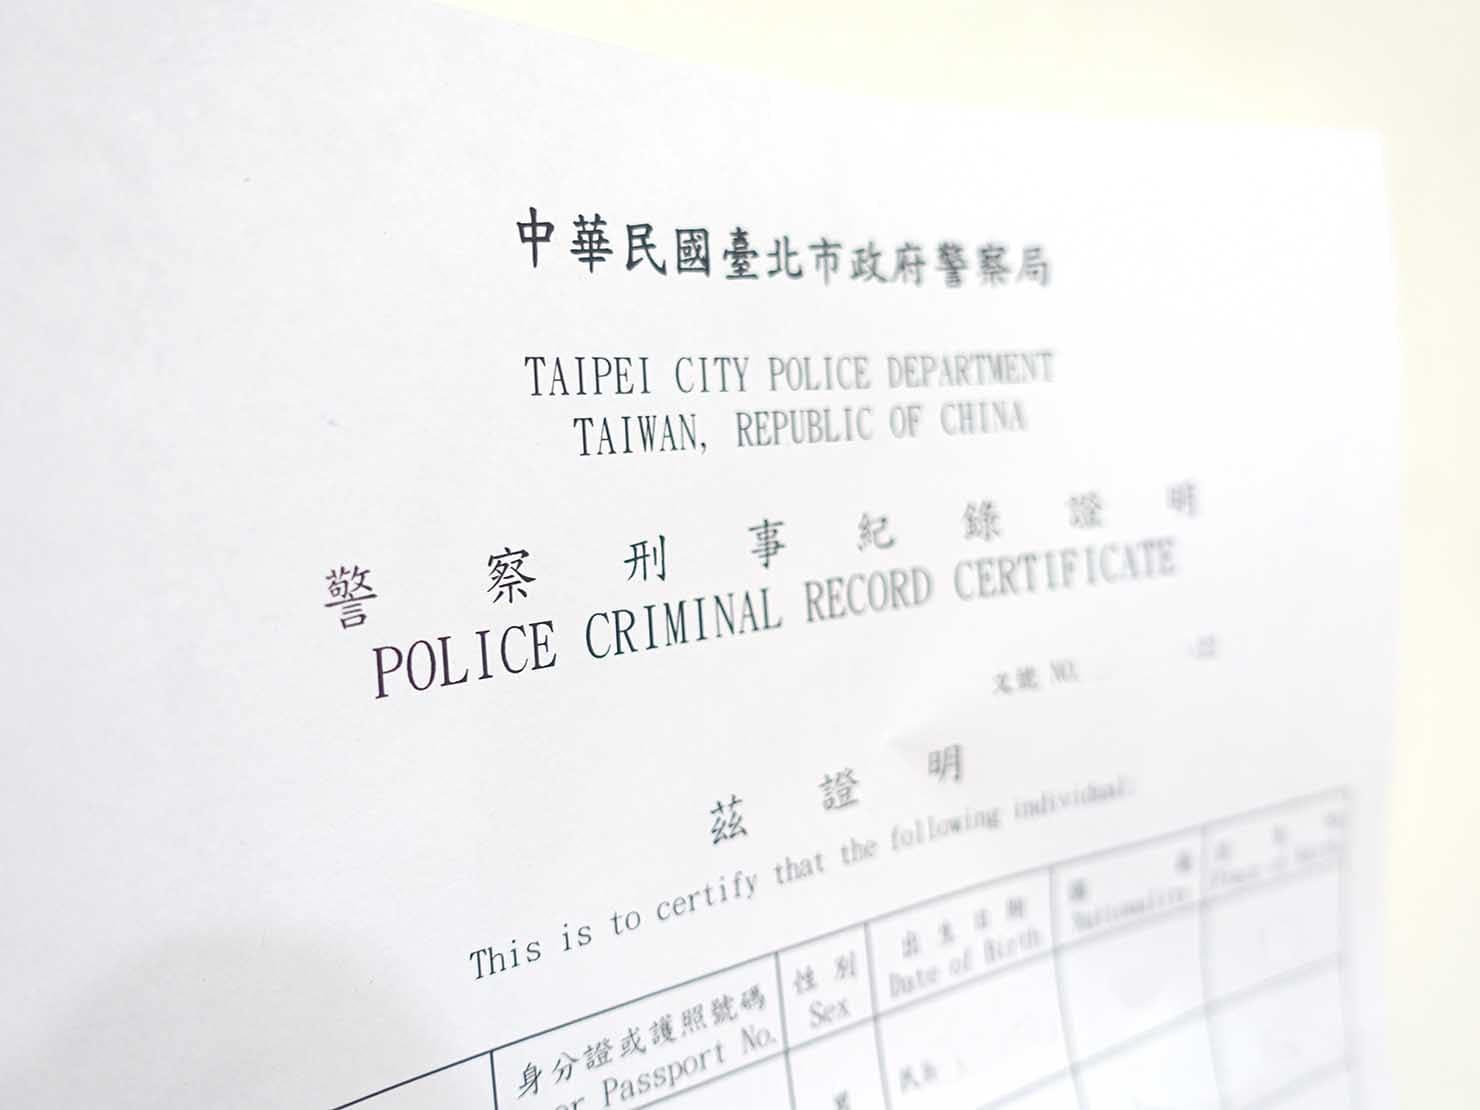 台湾の永住権(永久居留證)申請に必要な書類:警察紀錄證明書